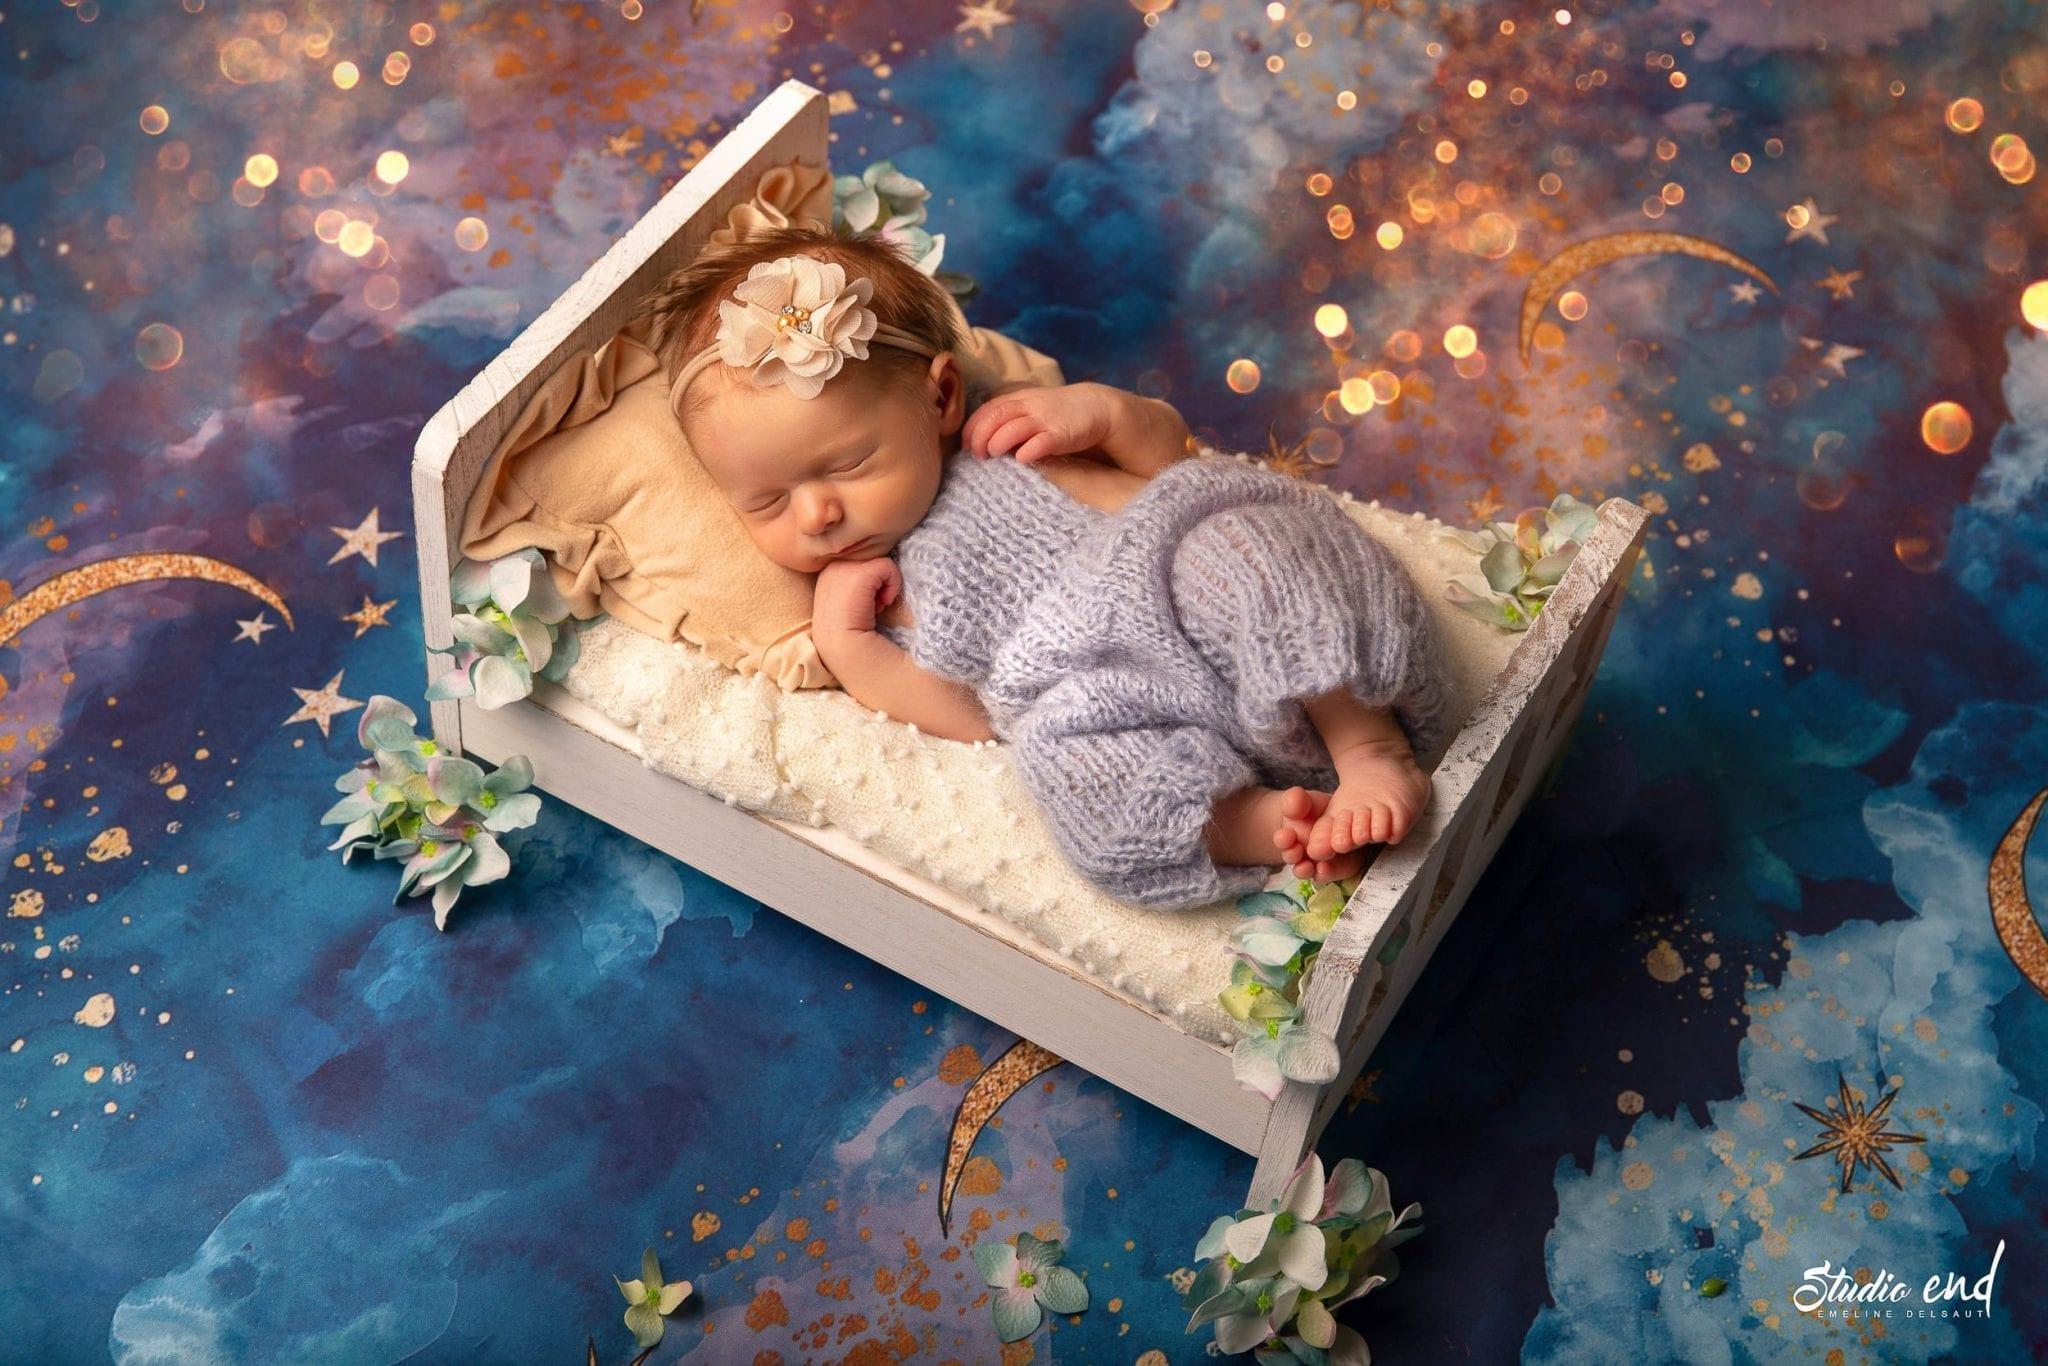 photographie artistique de bébé réalisée au Studio END à Naucelle en Aveyron